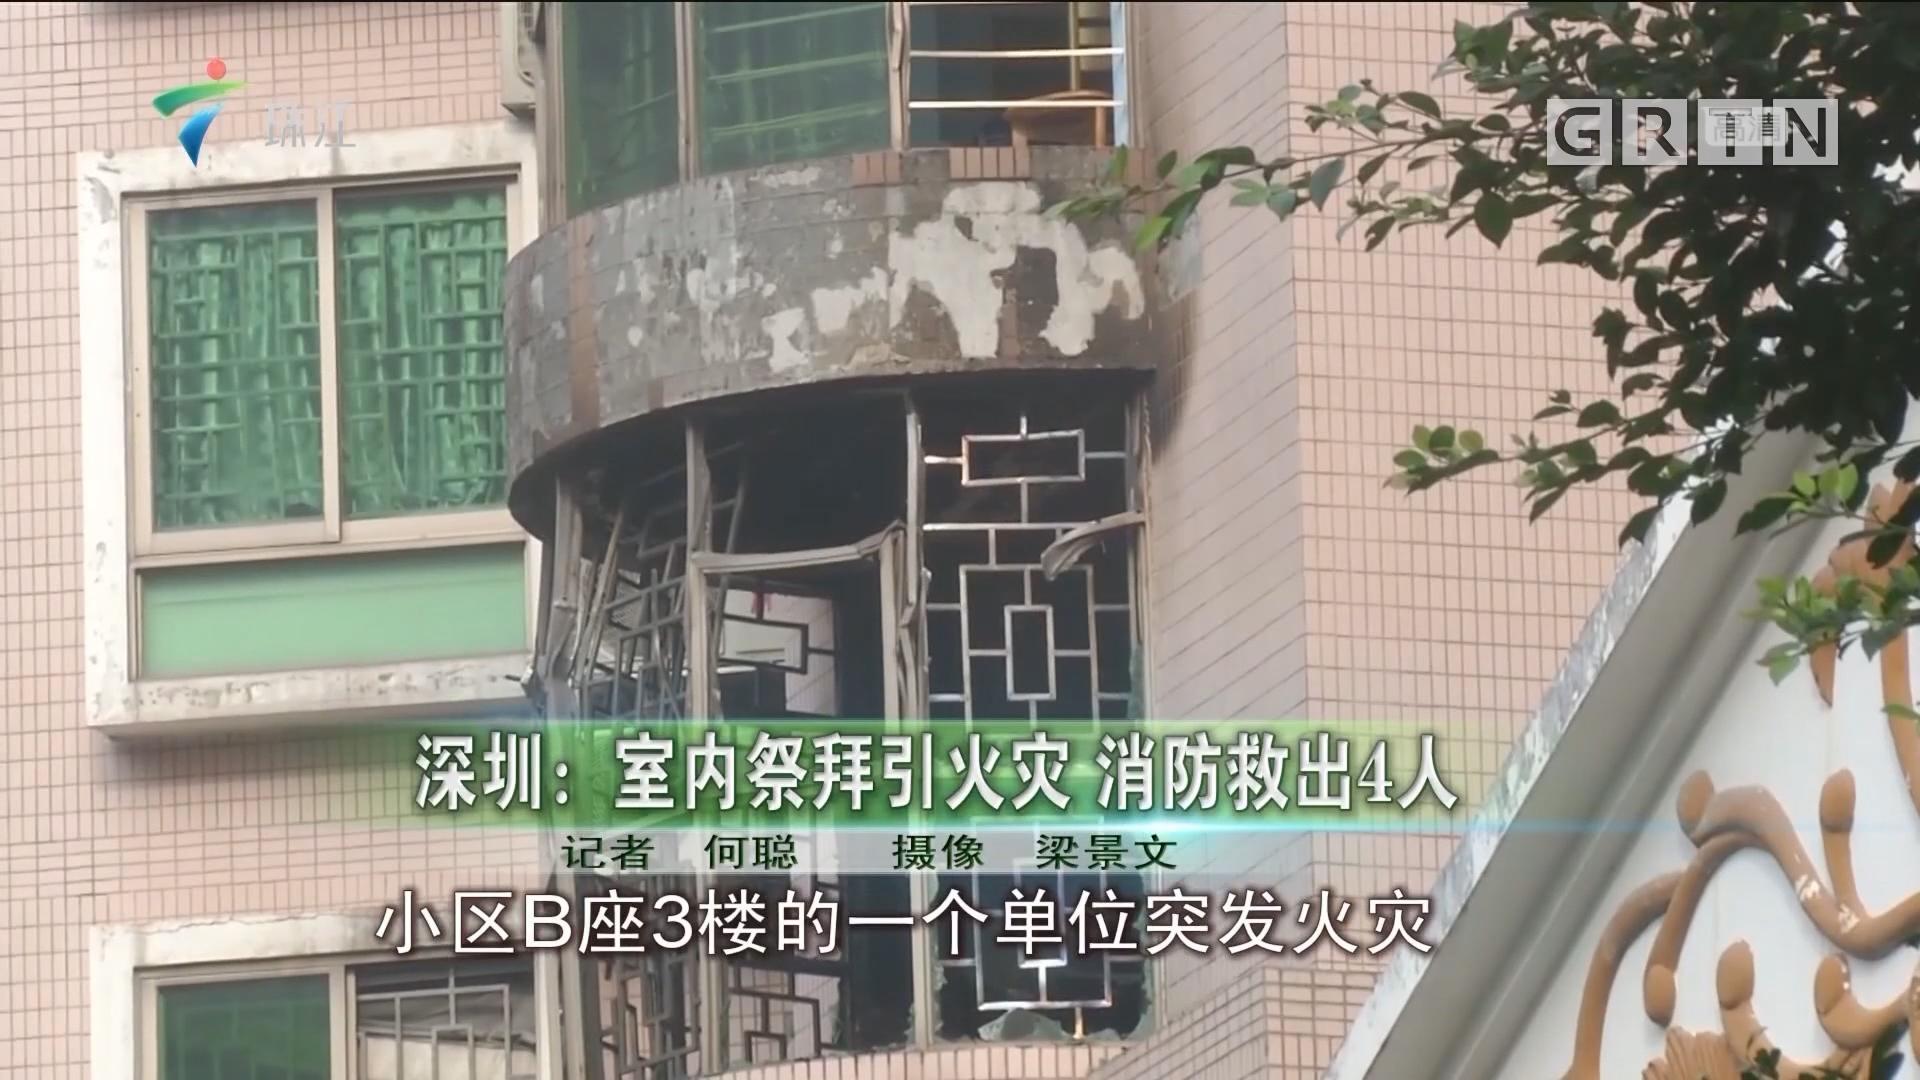 深圳:室内祭拜引火灾 消防救出4人